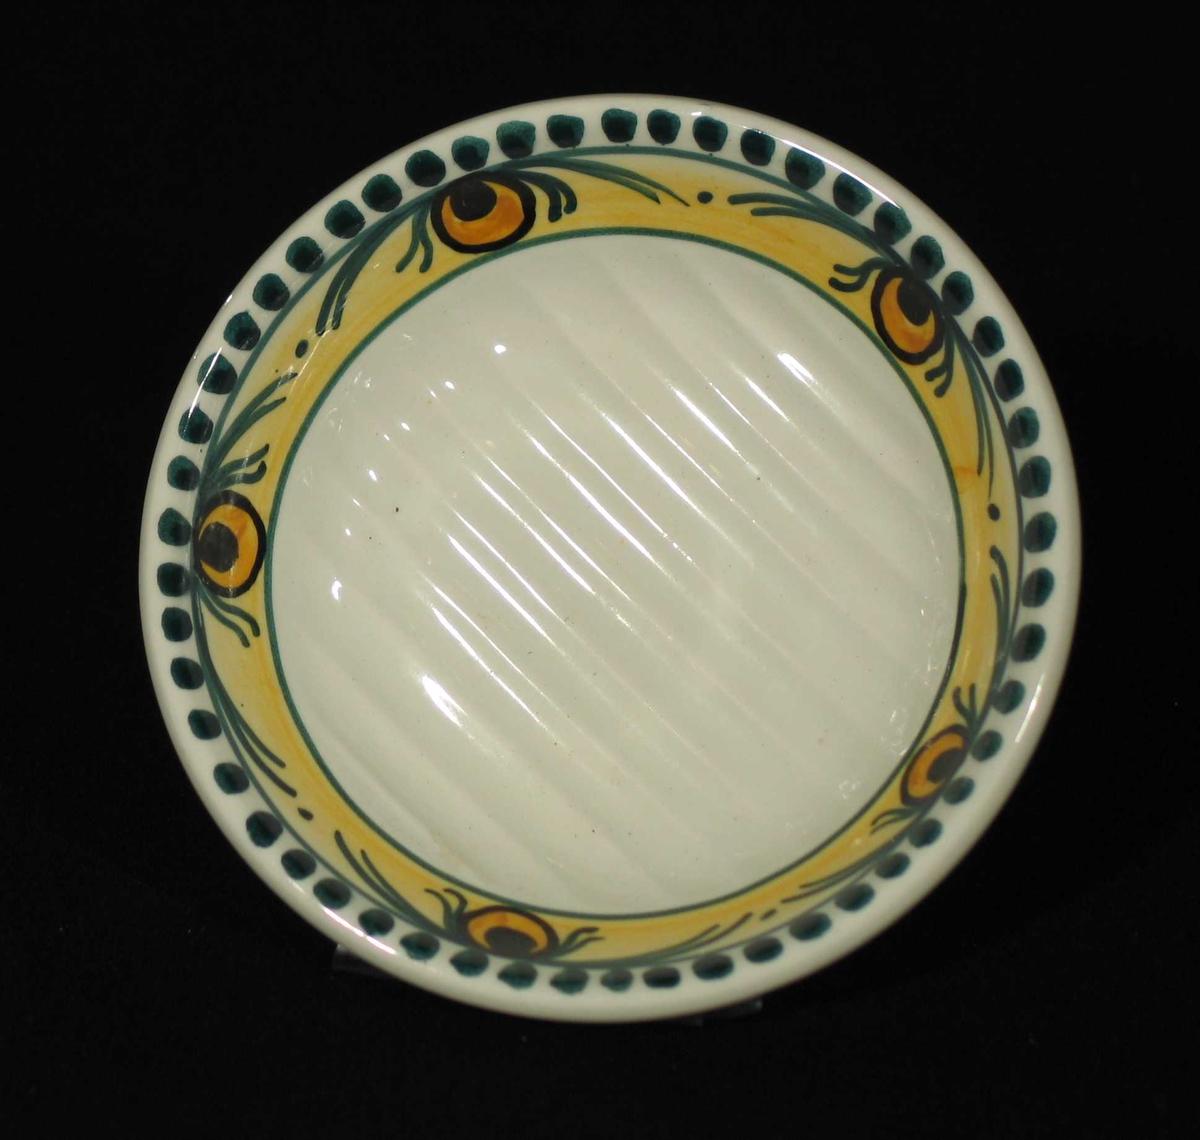 Rund hvit såpeskål i steintøy med riller i bunnen. Øverst en gul og hvit rand med blomsterdekor i grønt og svart.